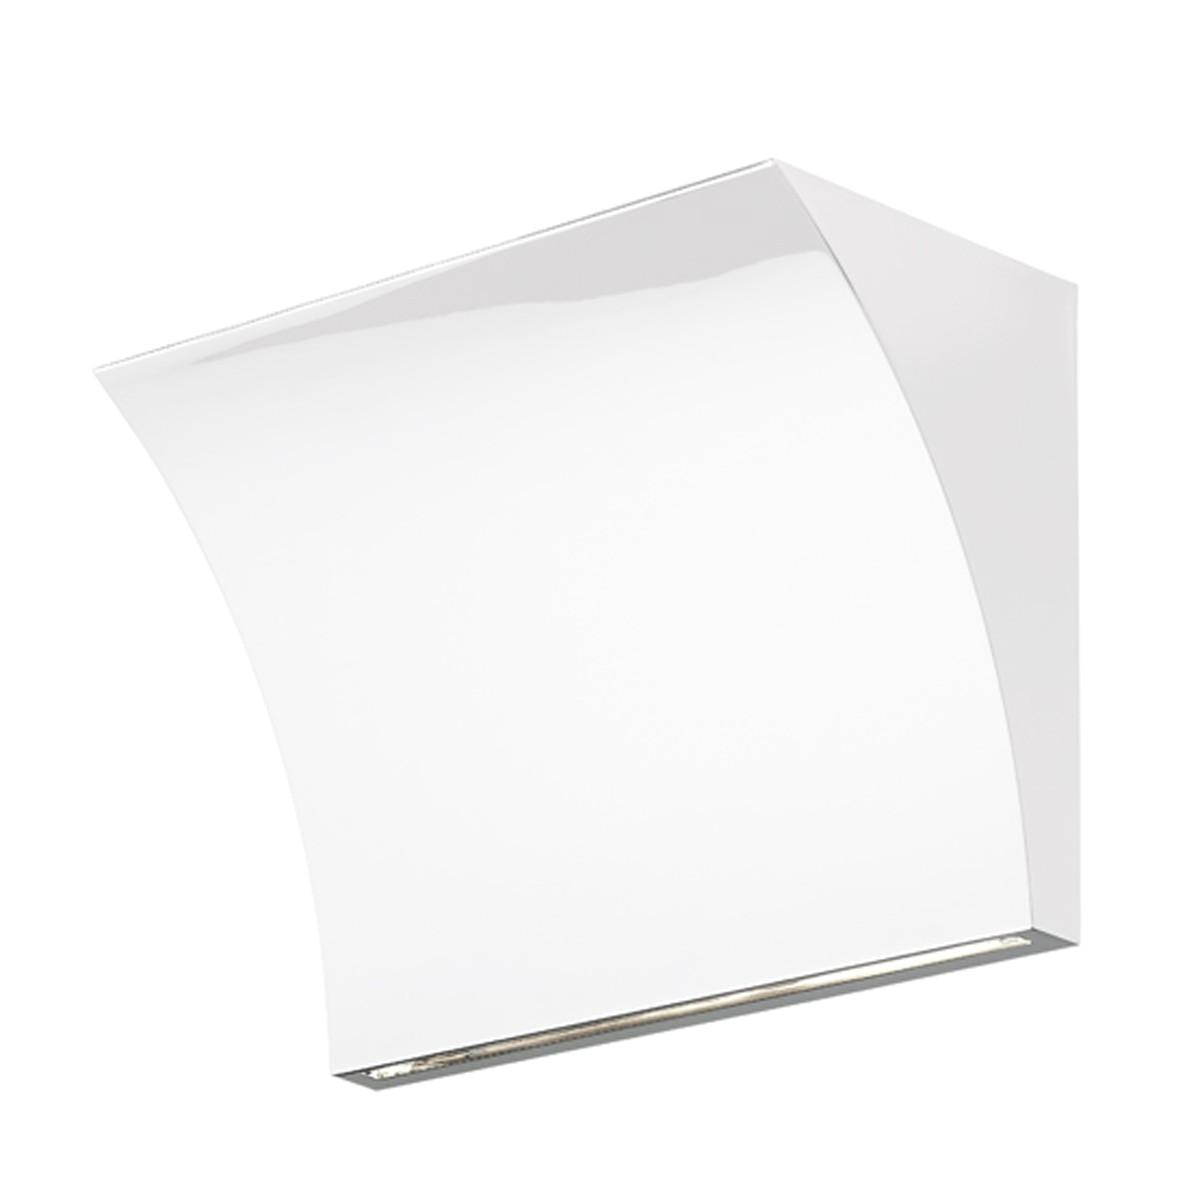 Flos Pochette Up/Down LED Wandleuchte, weiß glänzend